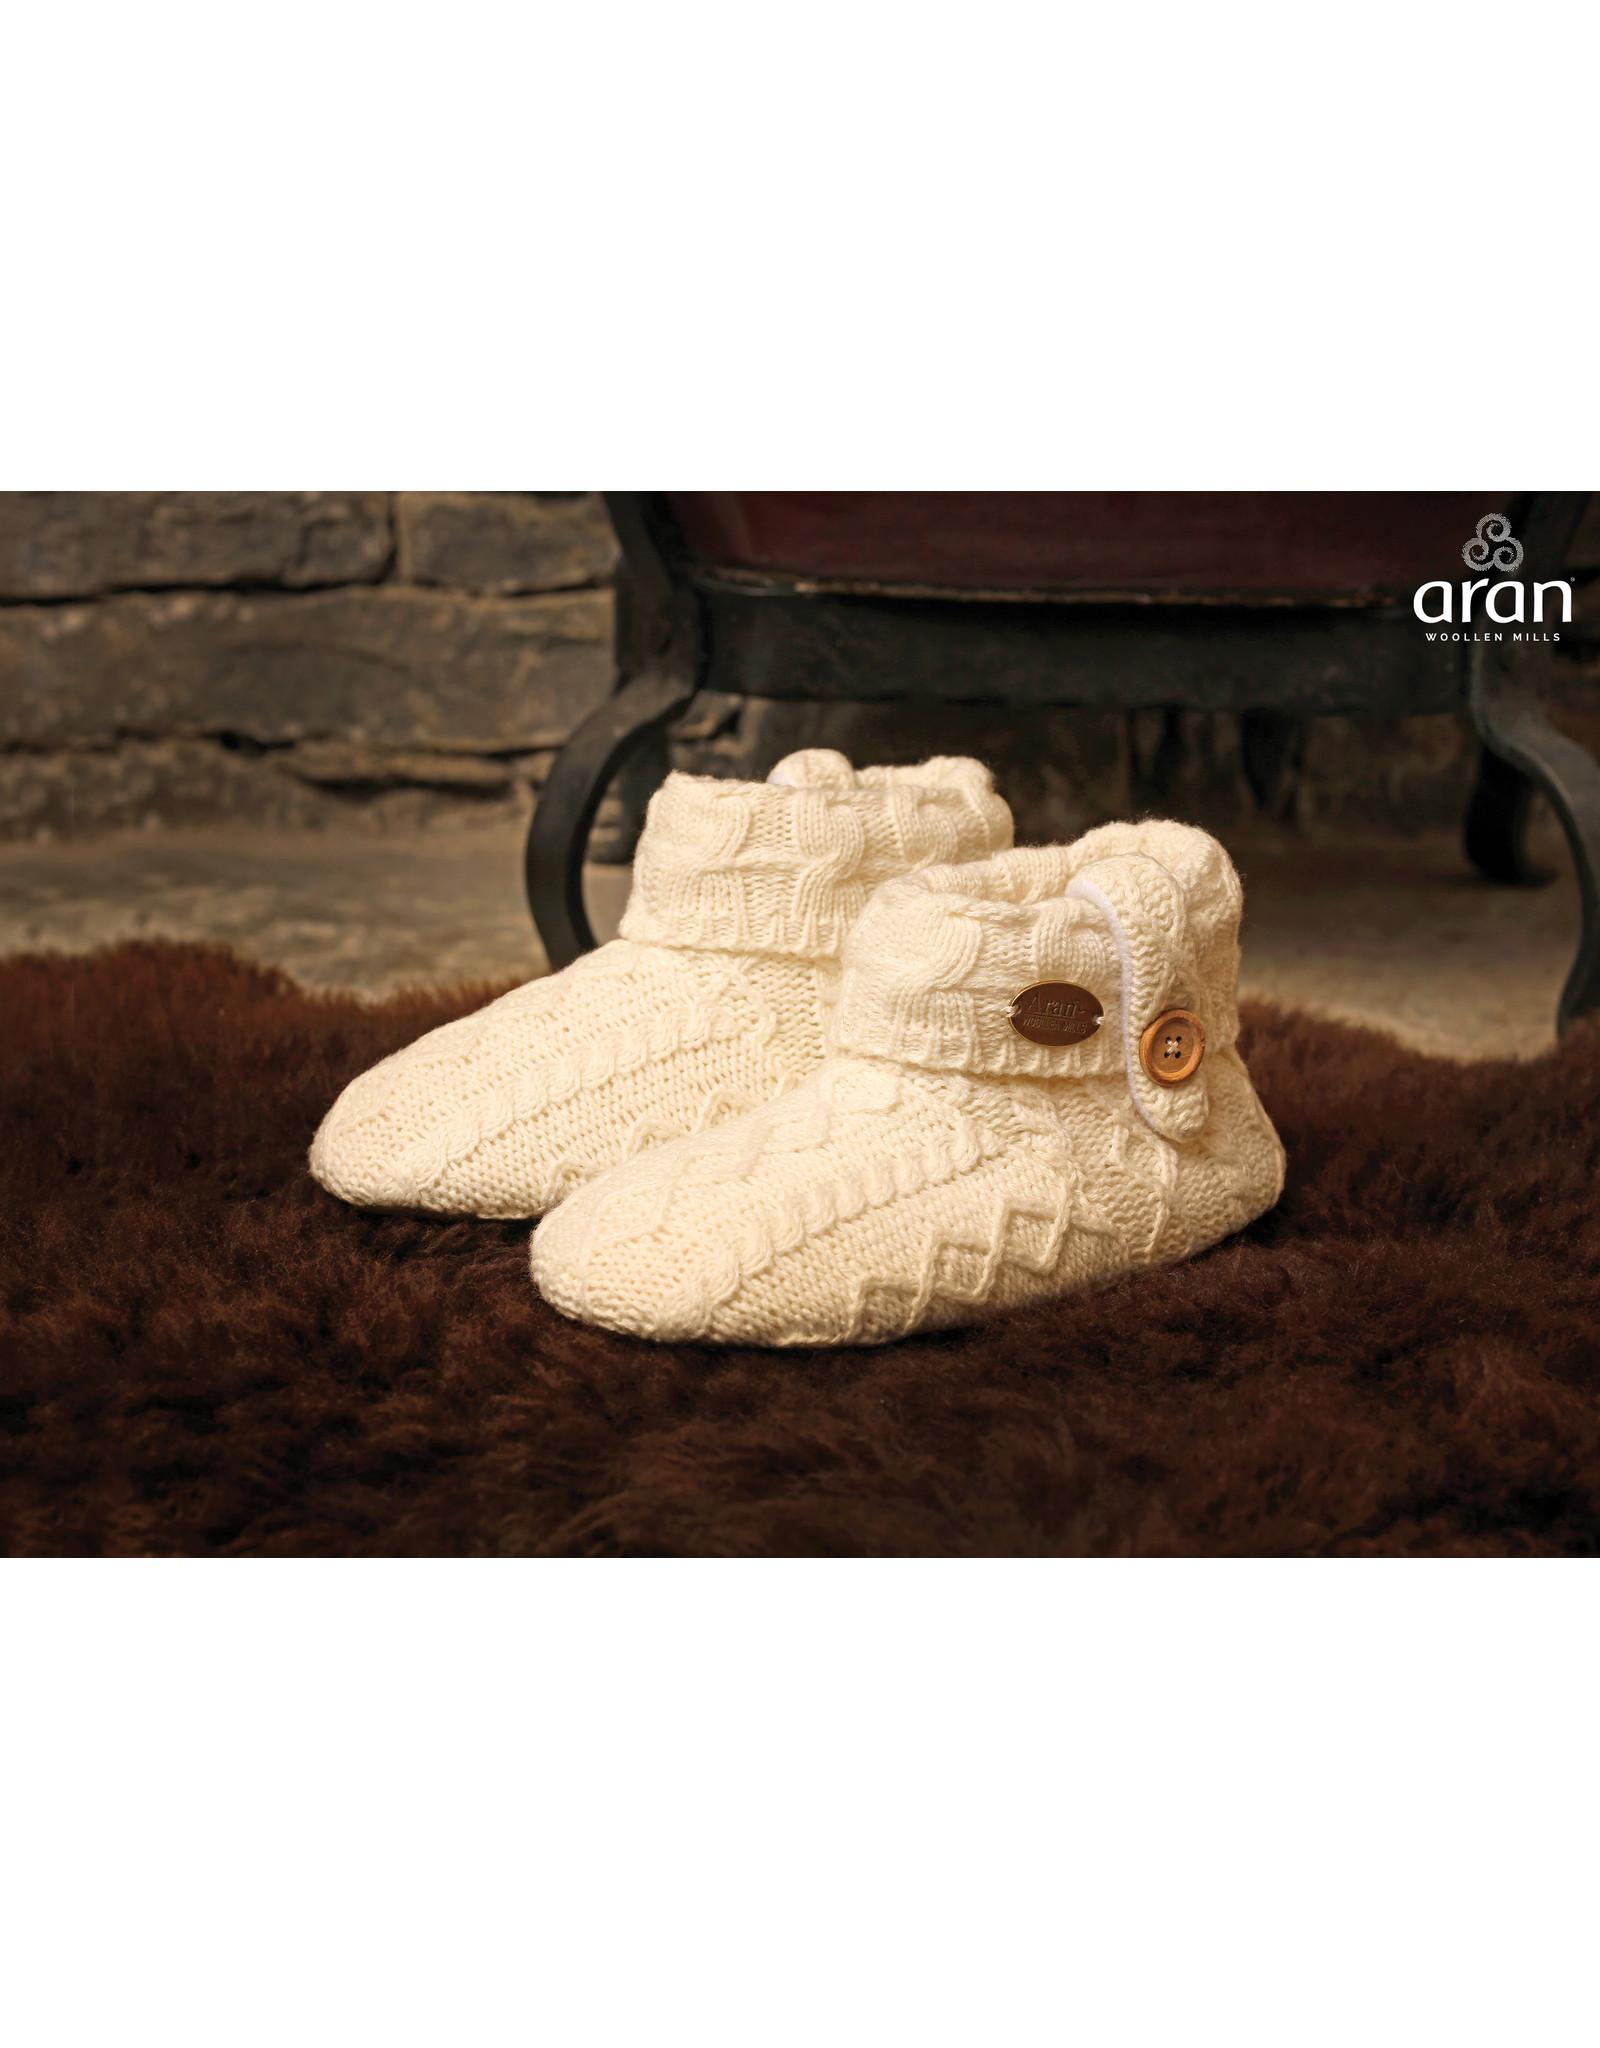 Aran Woollen Mills Children's Aran Slippers